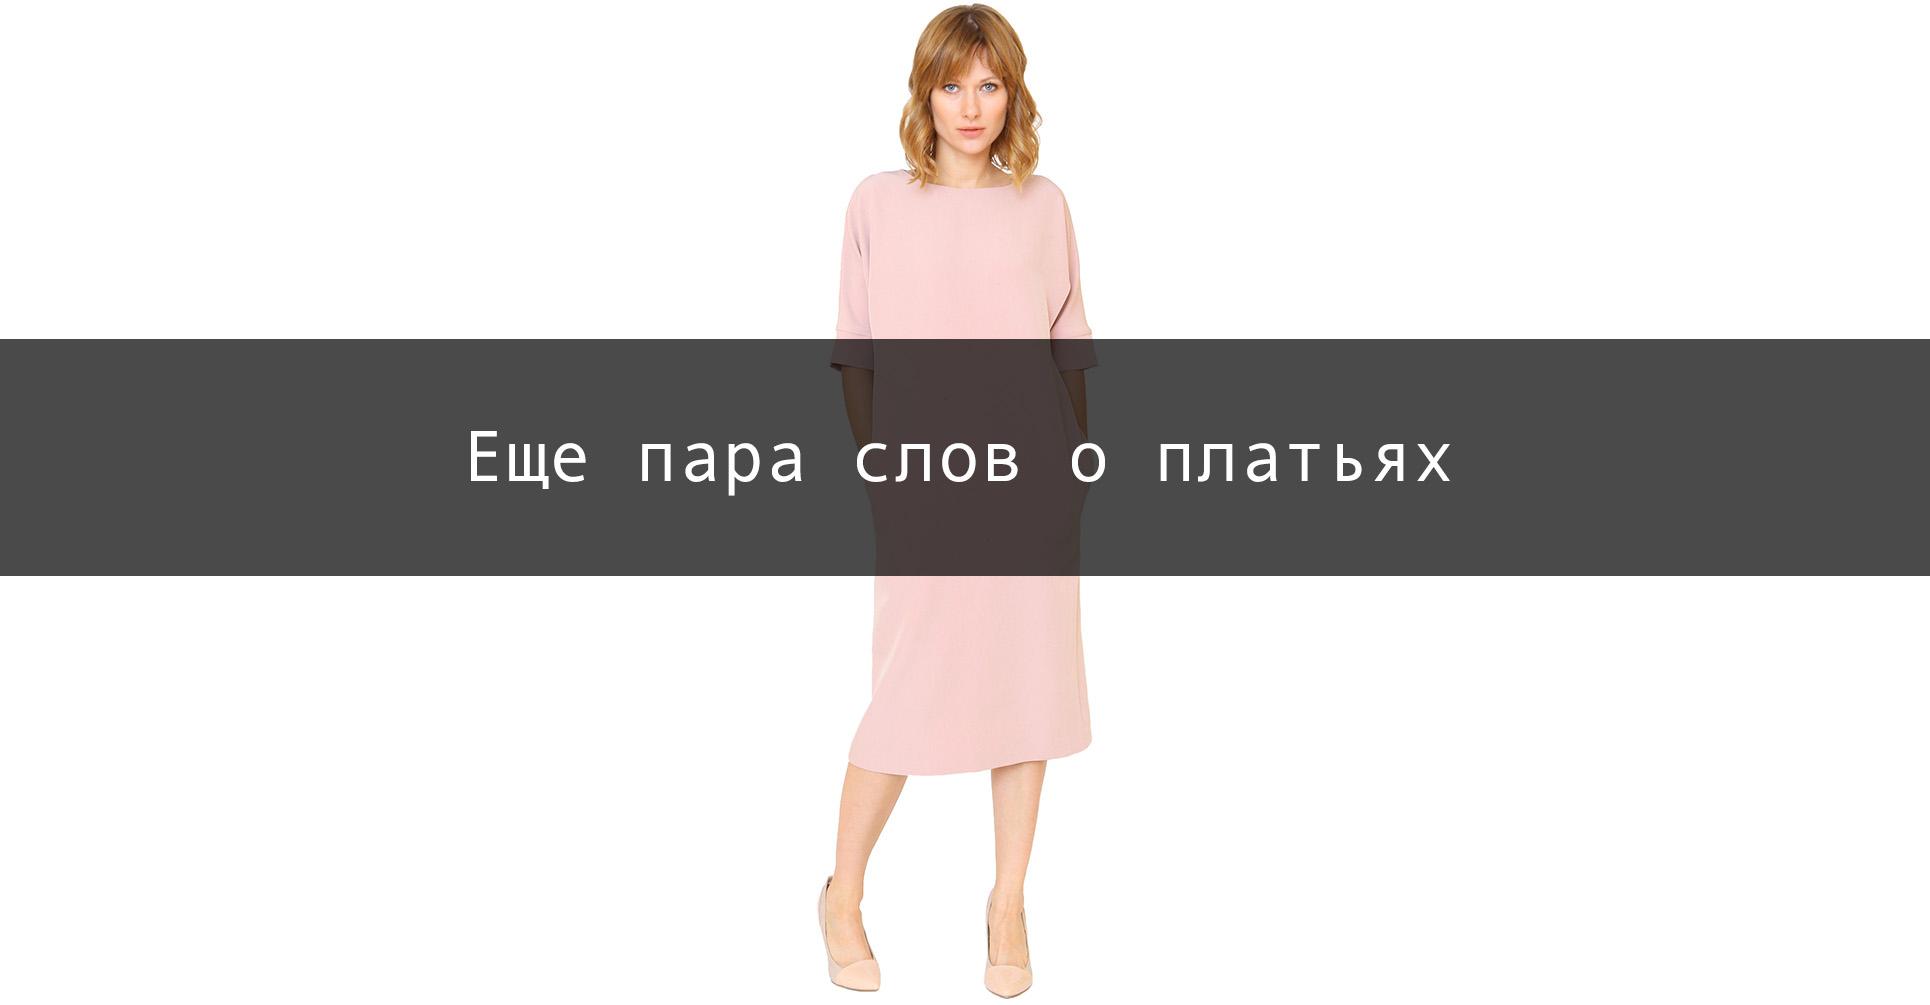 Еще пара слов о модных  платьях